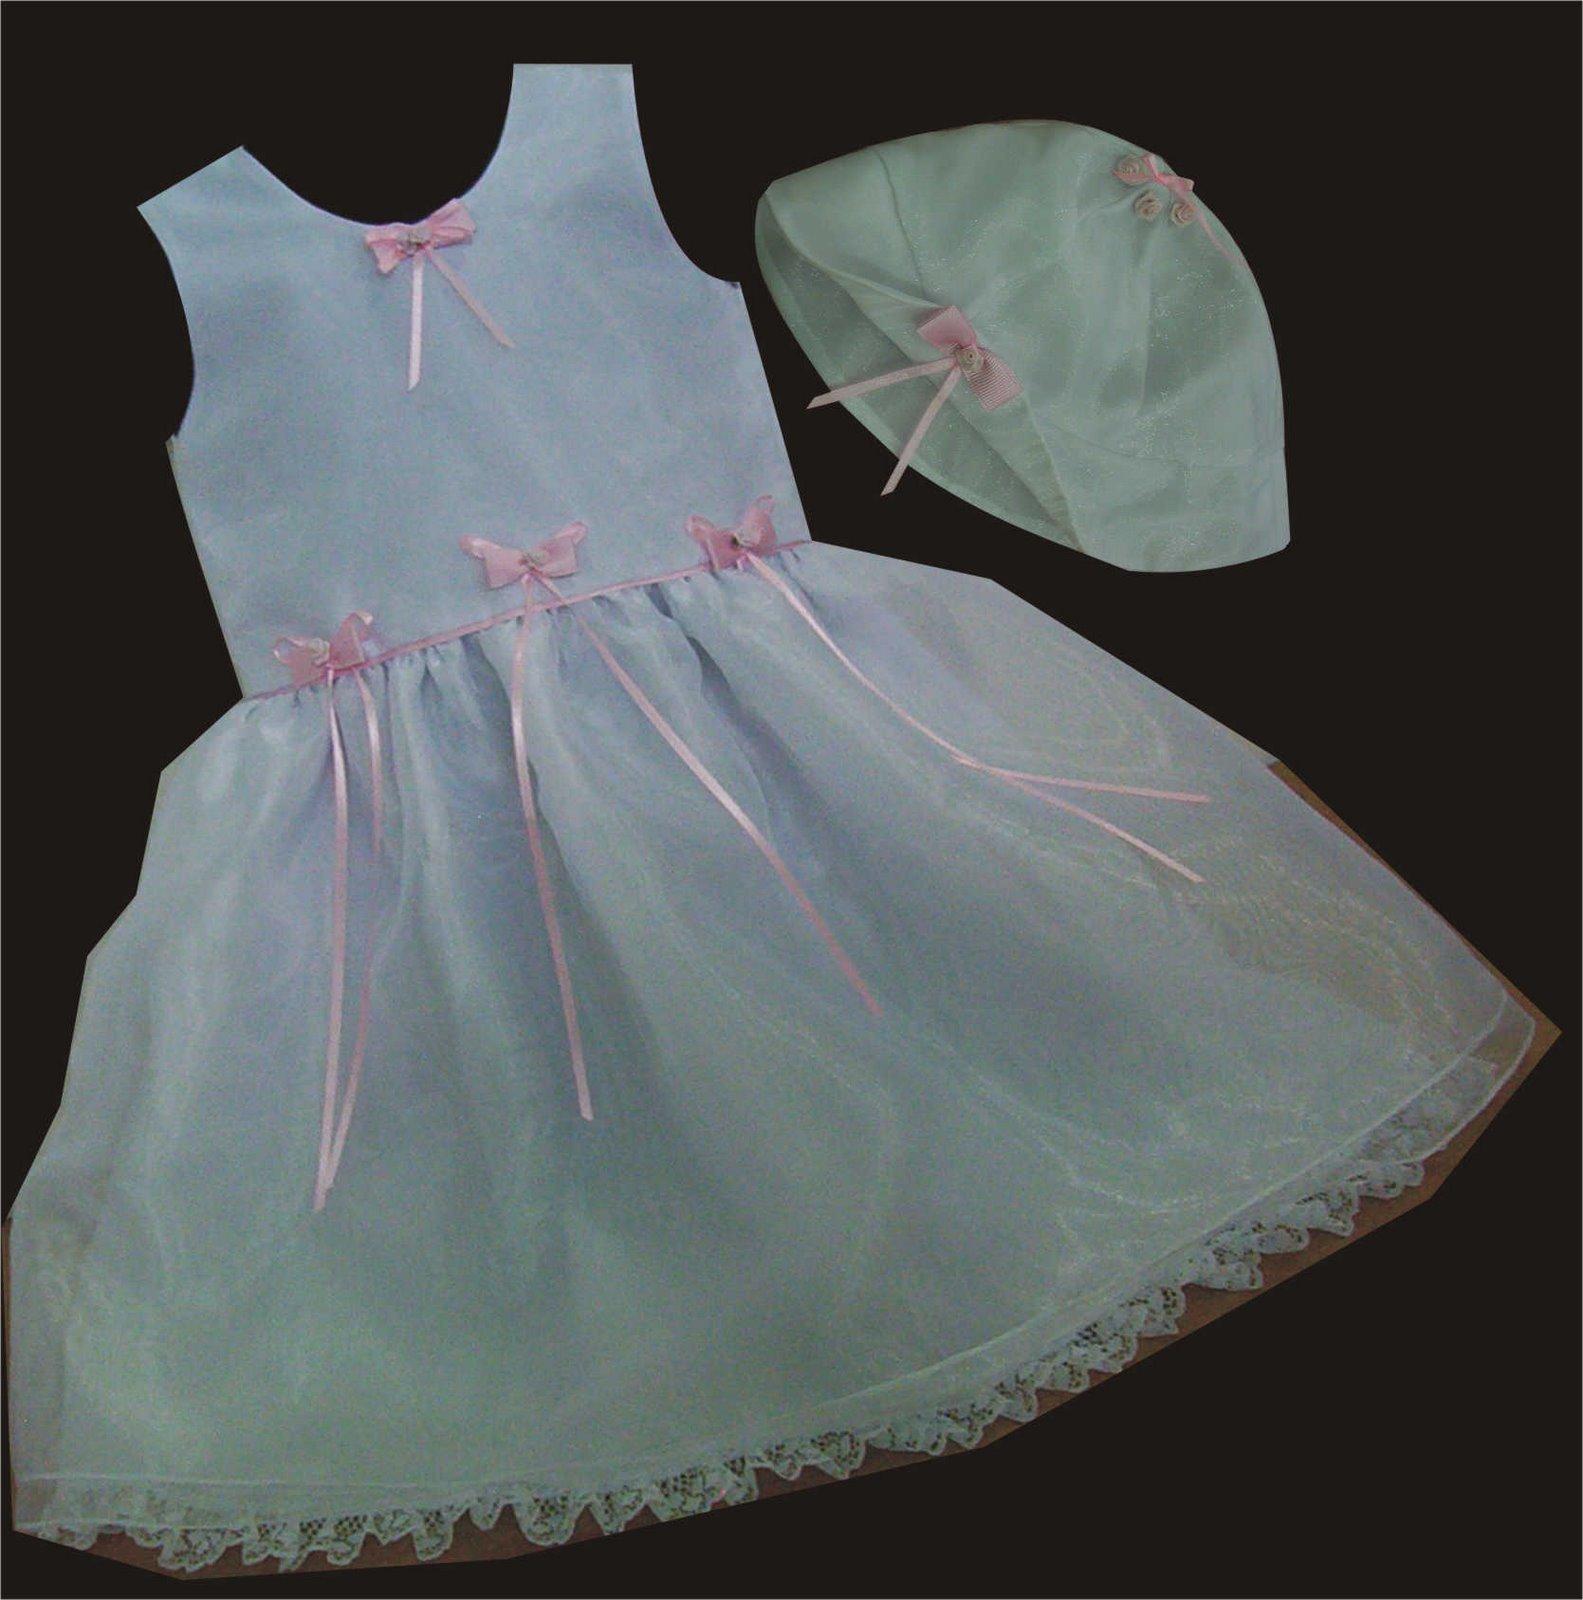 ... vestido de fiesta para una boda para una niña la mayoria se realiza